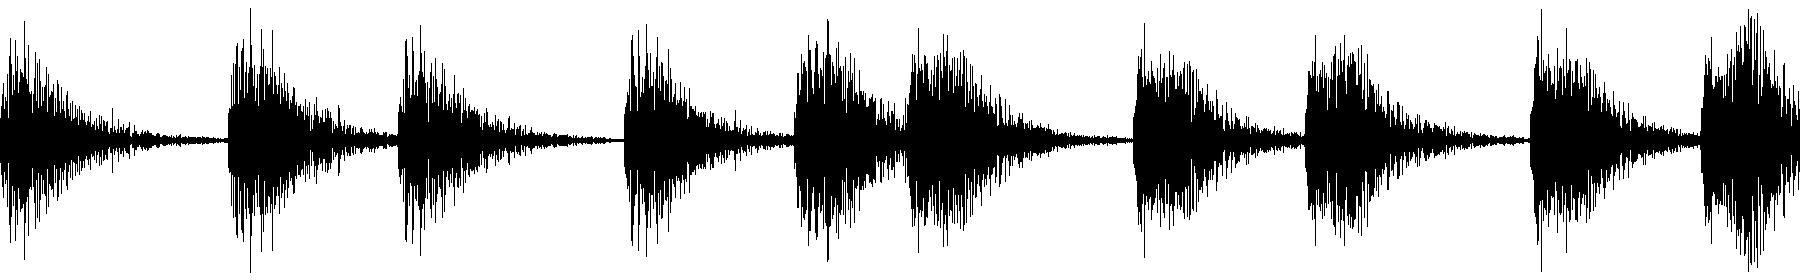 shs ch synthloop 127 oldtape fmgm